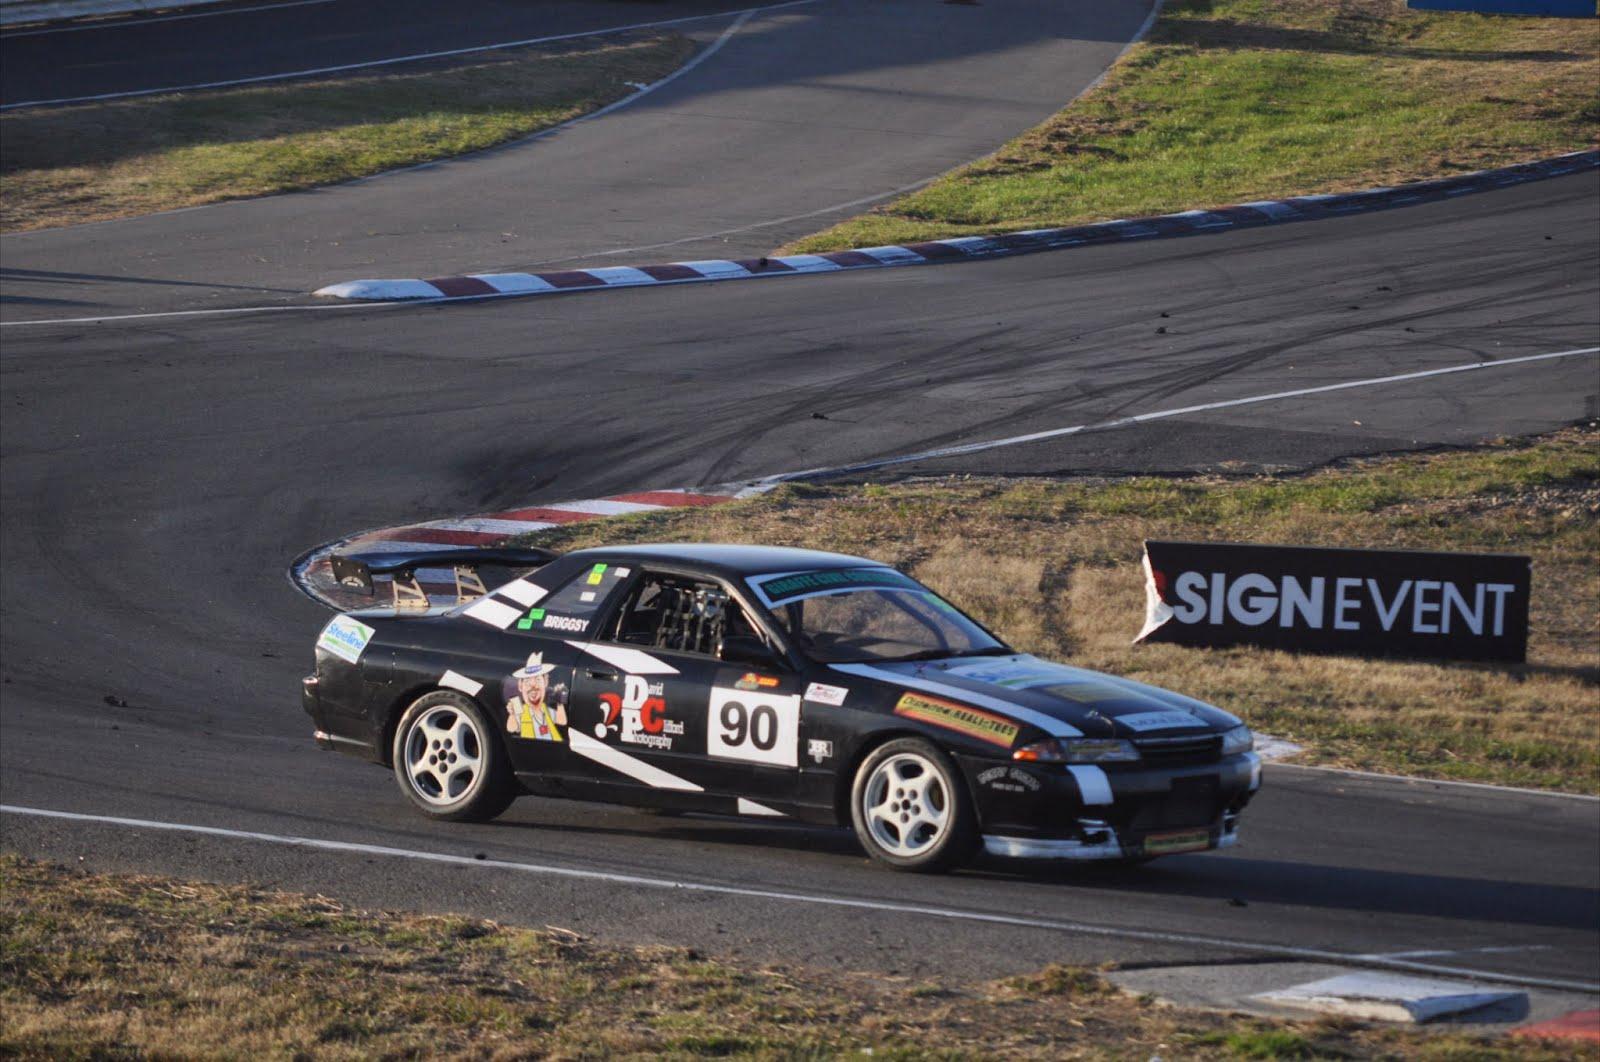 JOHN BRIGGS RACING